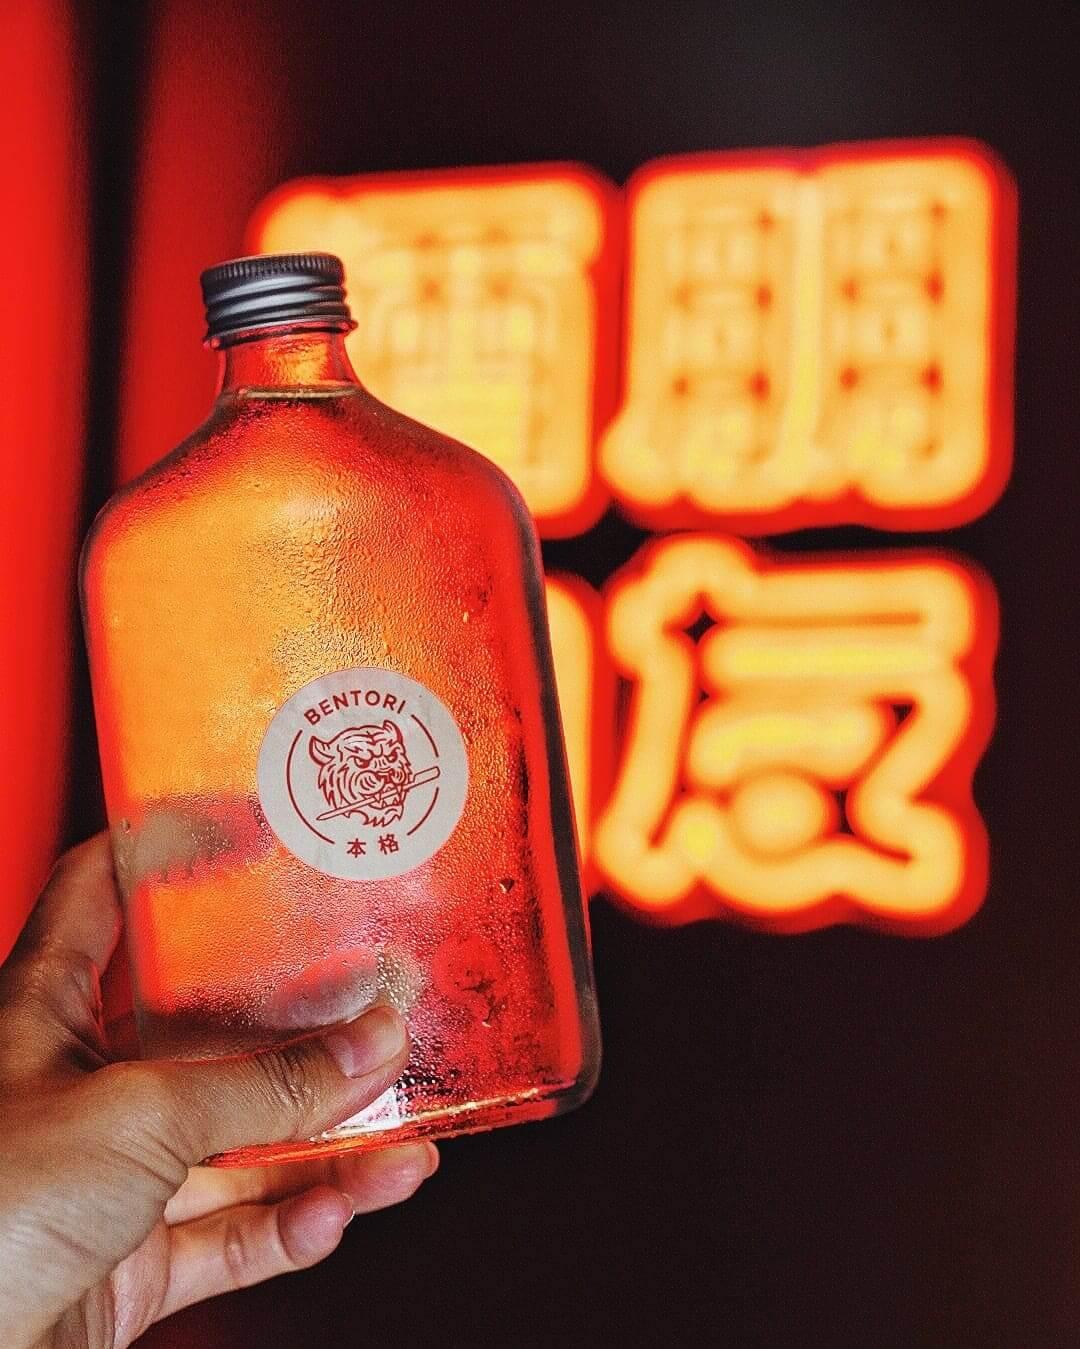 Bentori 招牌清酒 HK$199/350ml